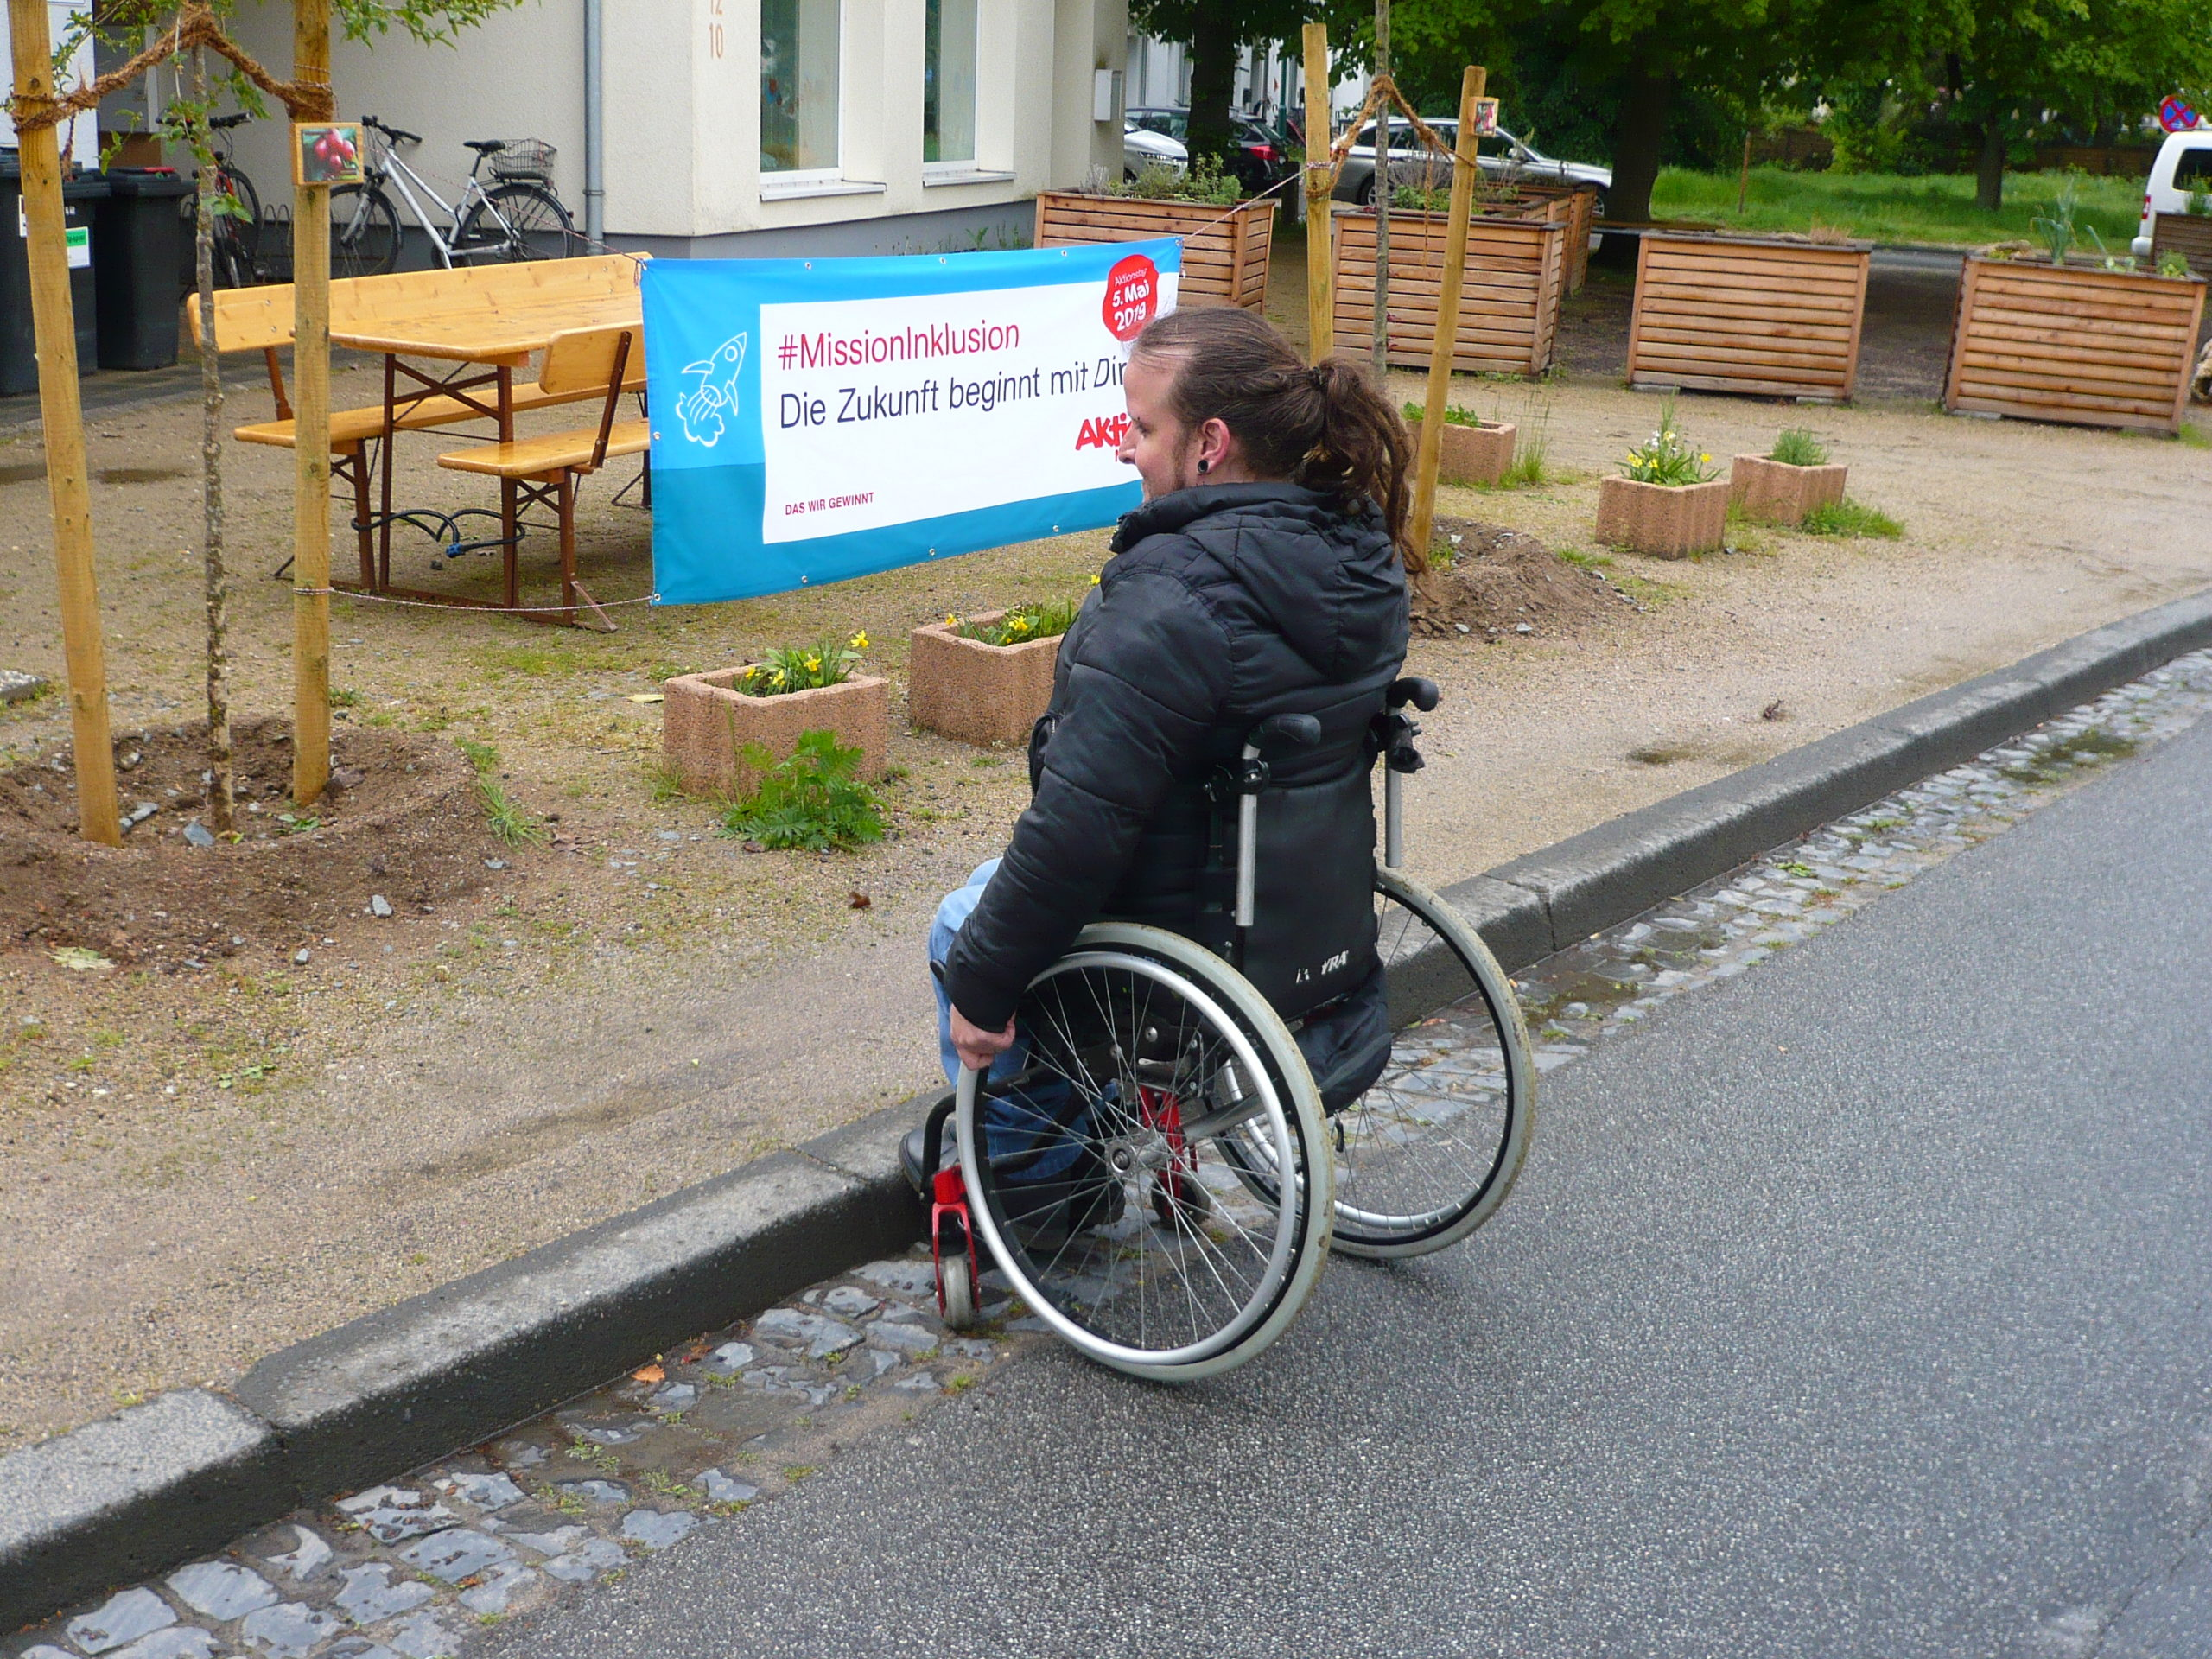 Postsiedlung barrierefrei: Städtisches Mobilitätsamt plant Umbau rund um den Quartierplatz!